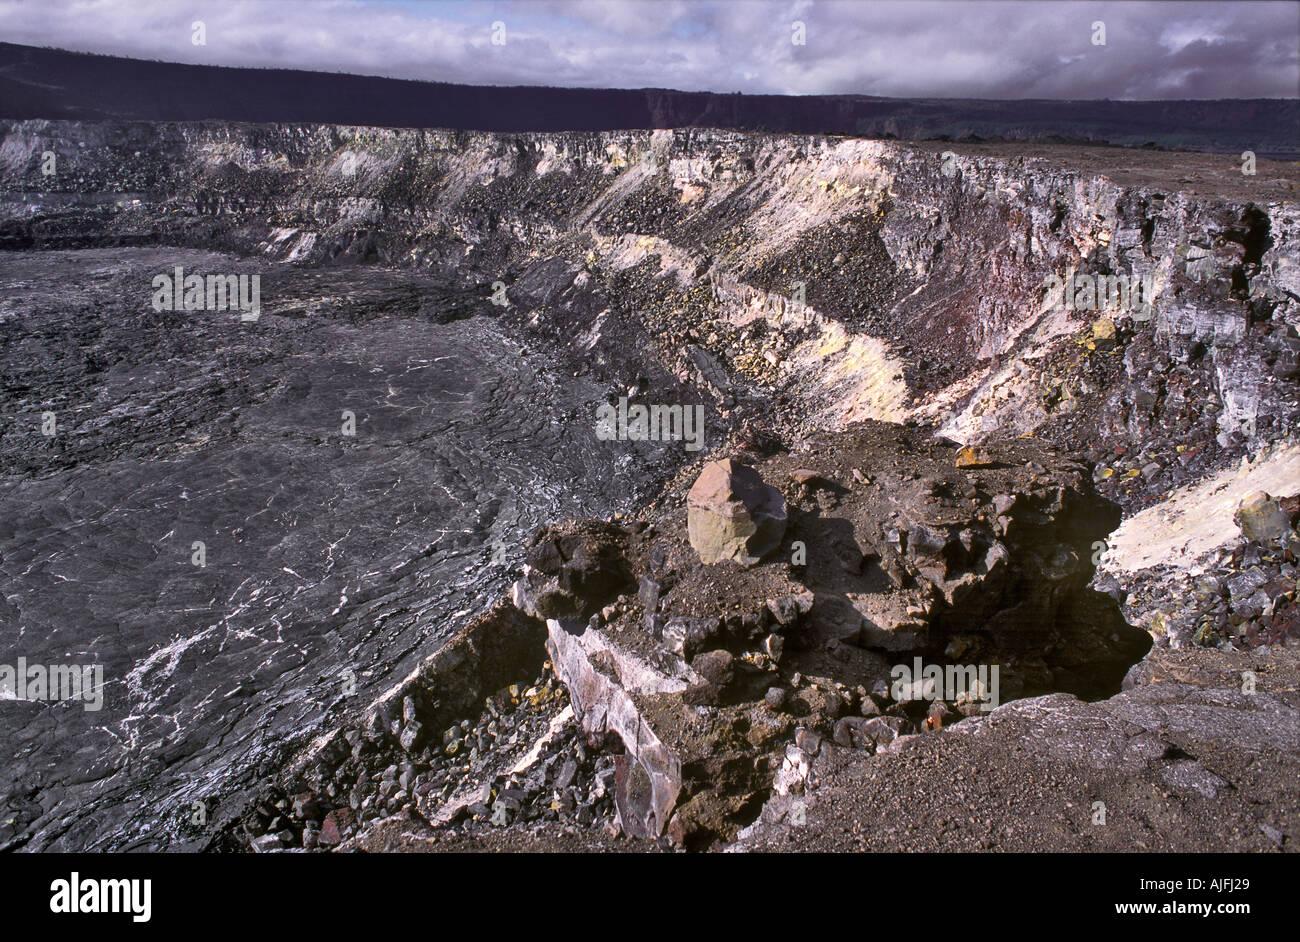 Halema uma u Crater Kilauea Caldera Hawaii - Stock Image